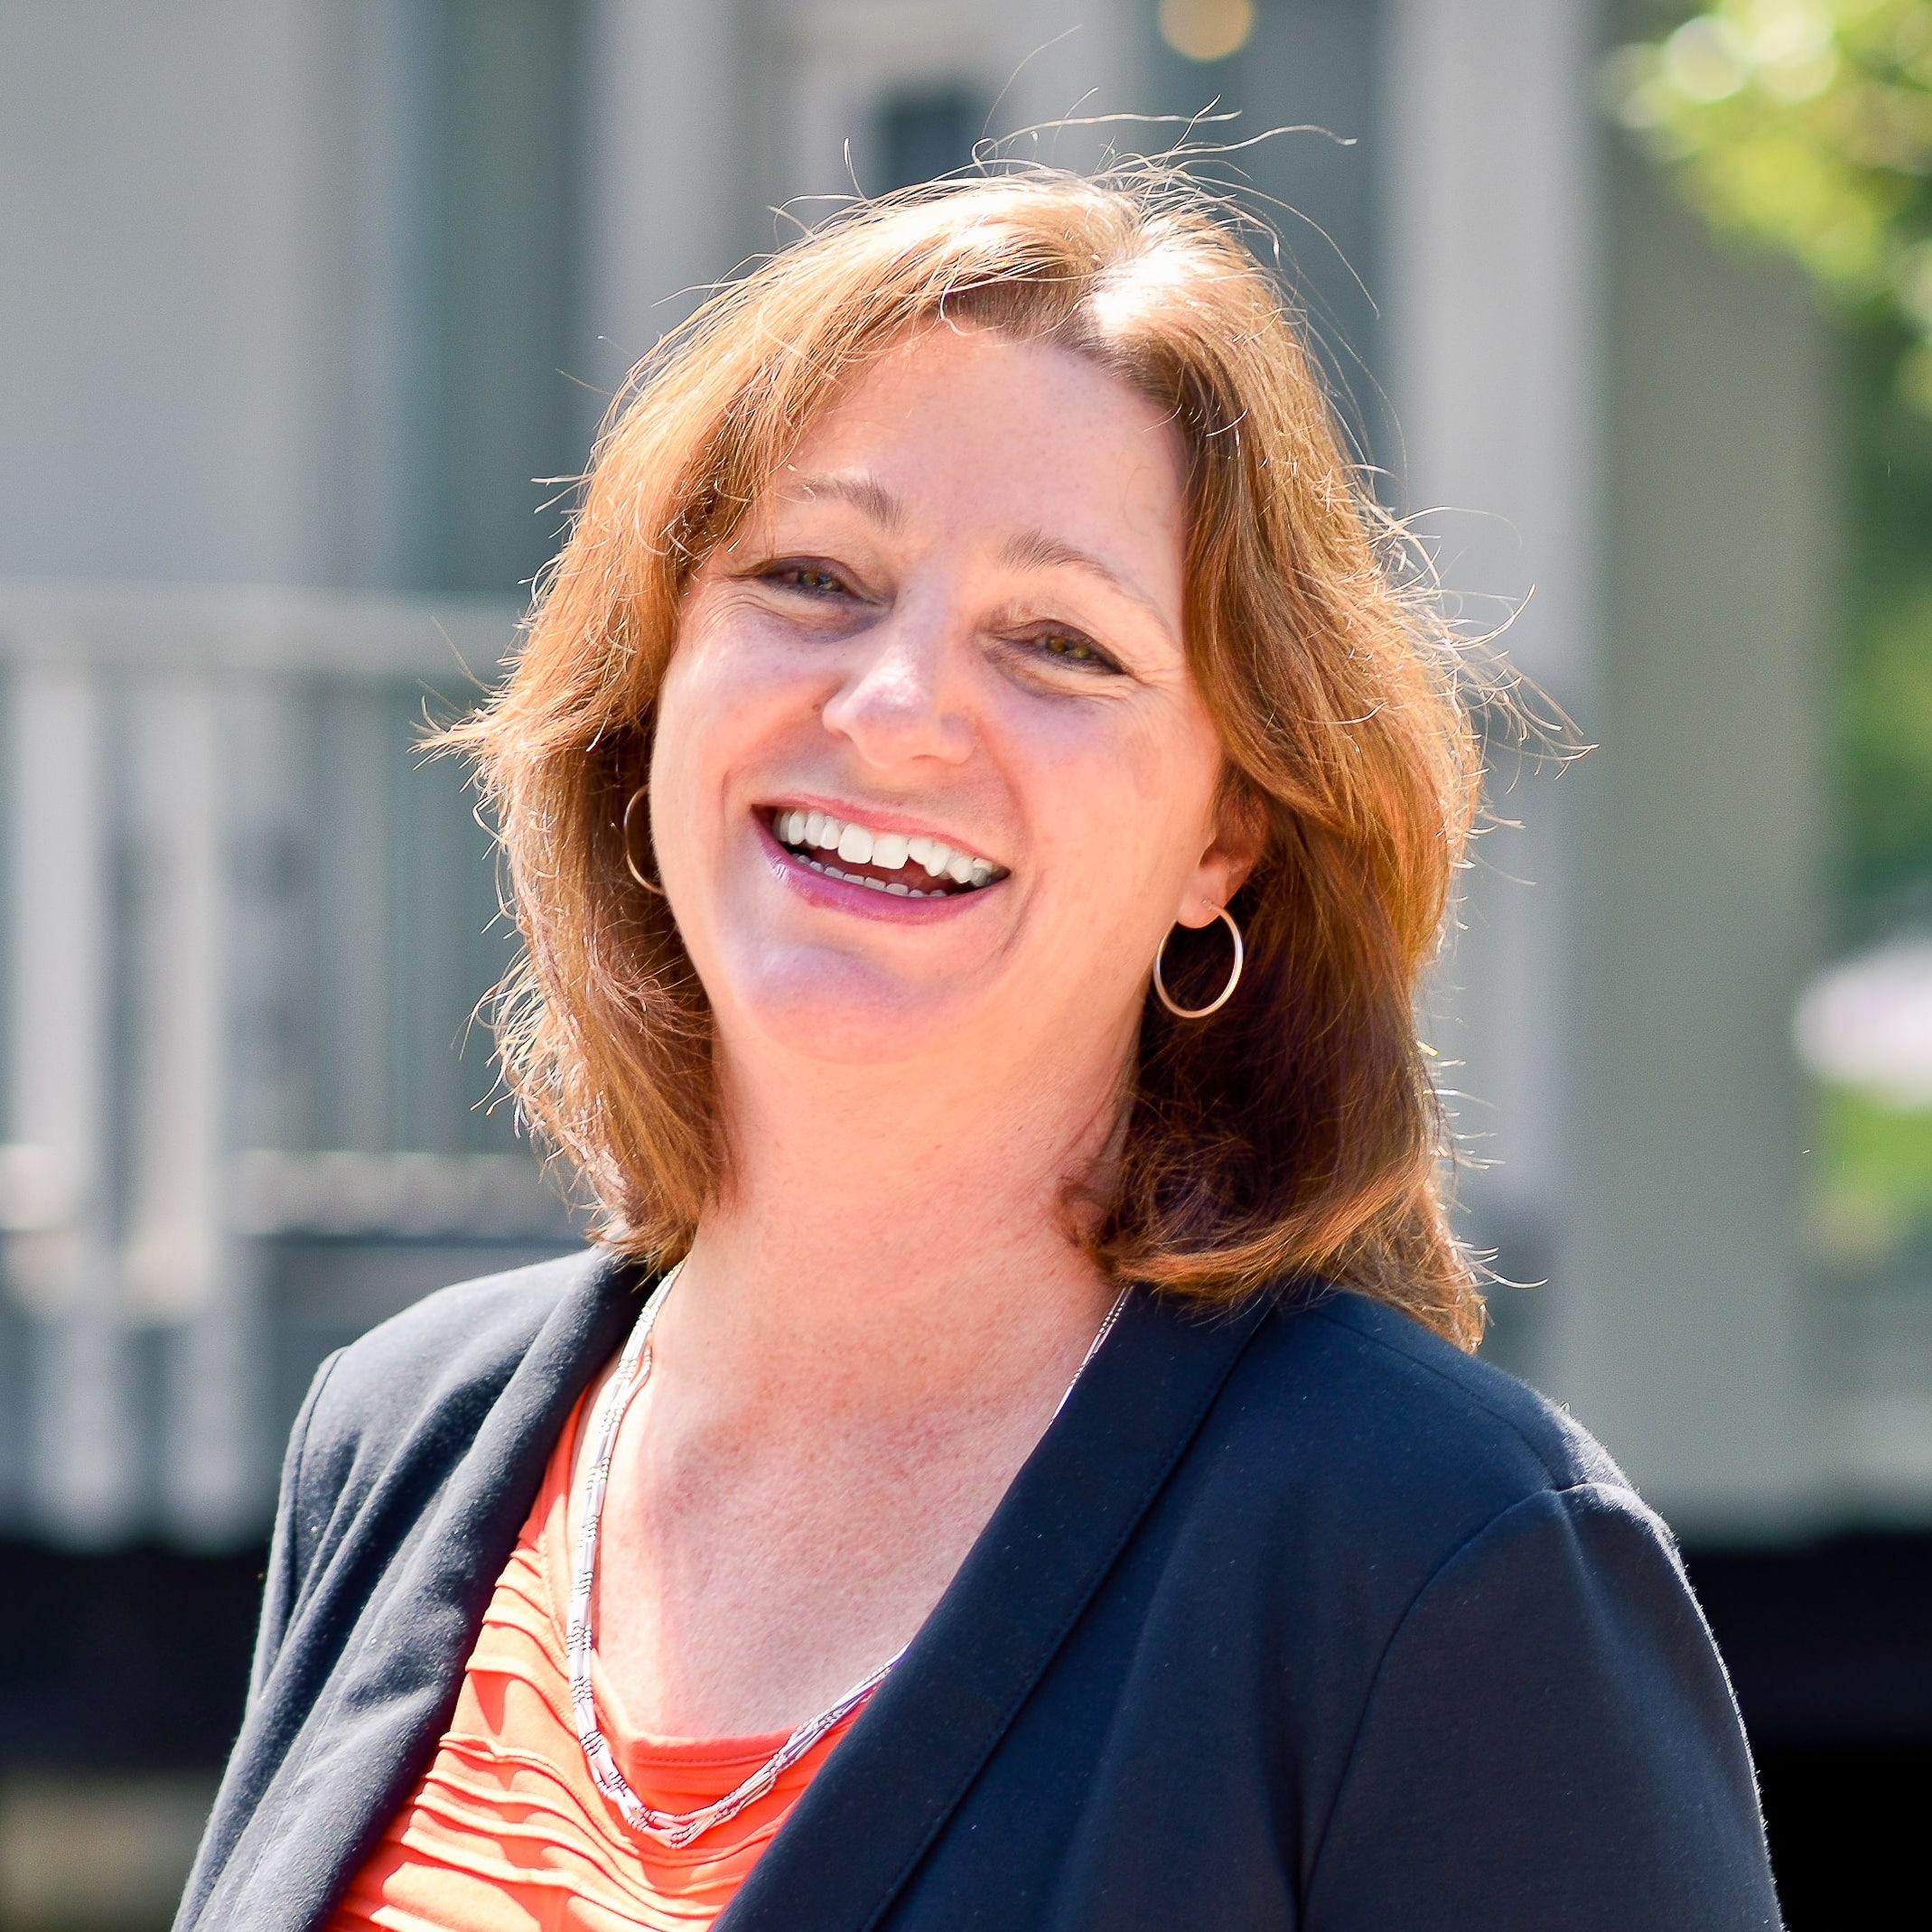 Marion Steward